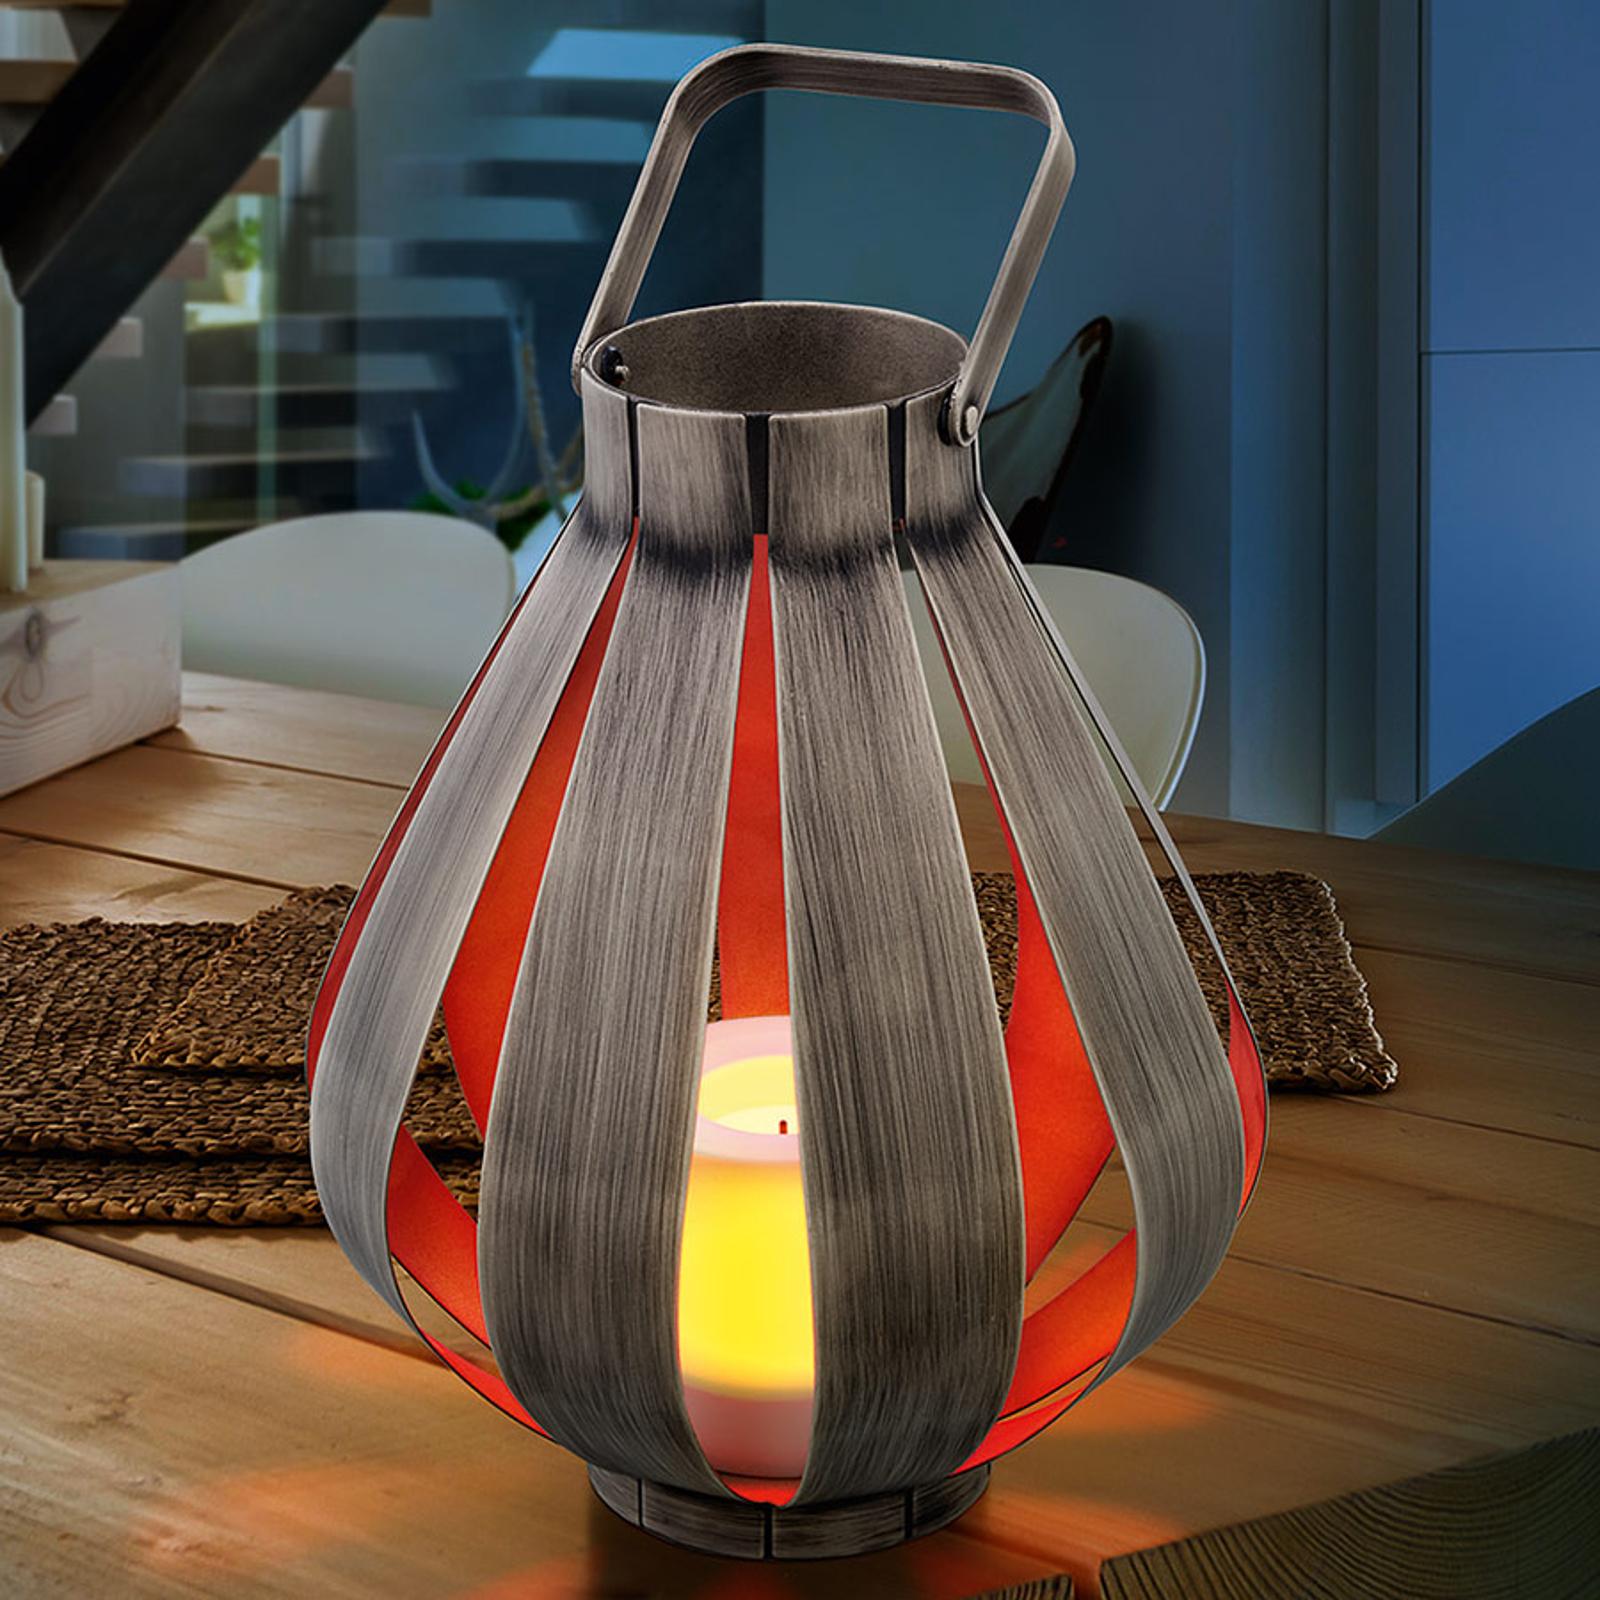 Dekorativní lampa Svenja z kovu v dřevěném designu